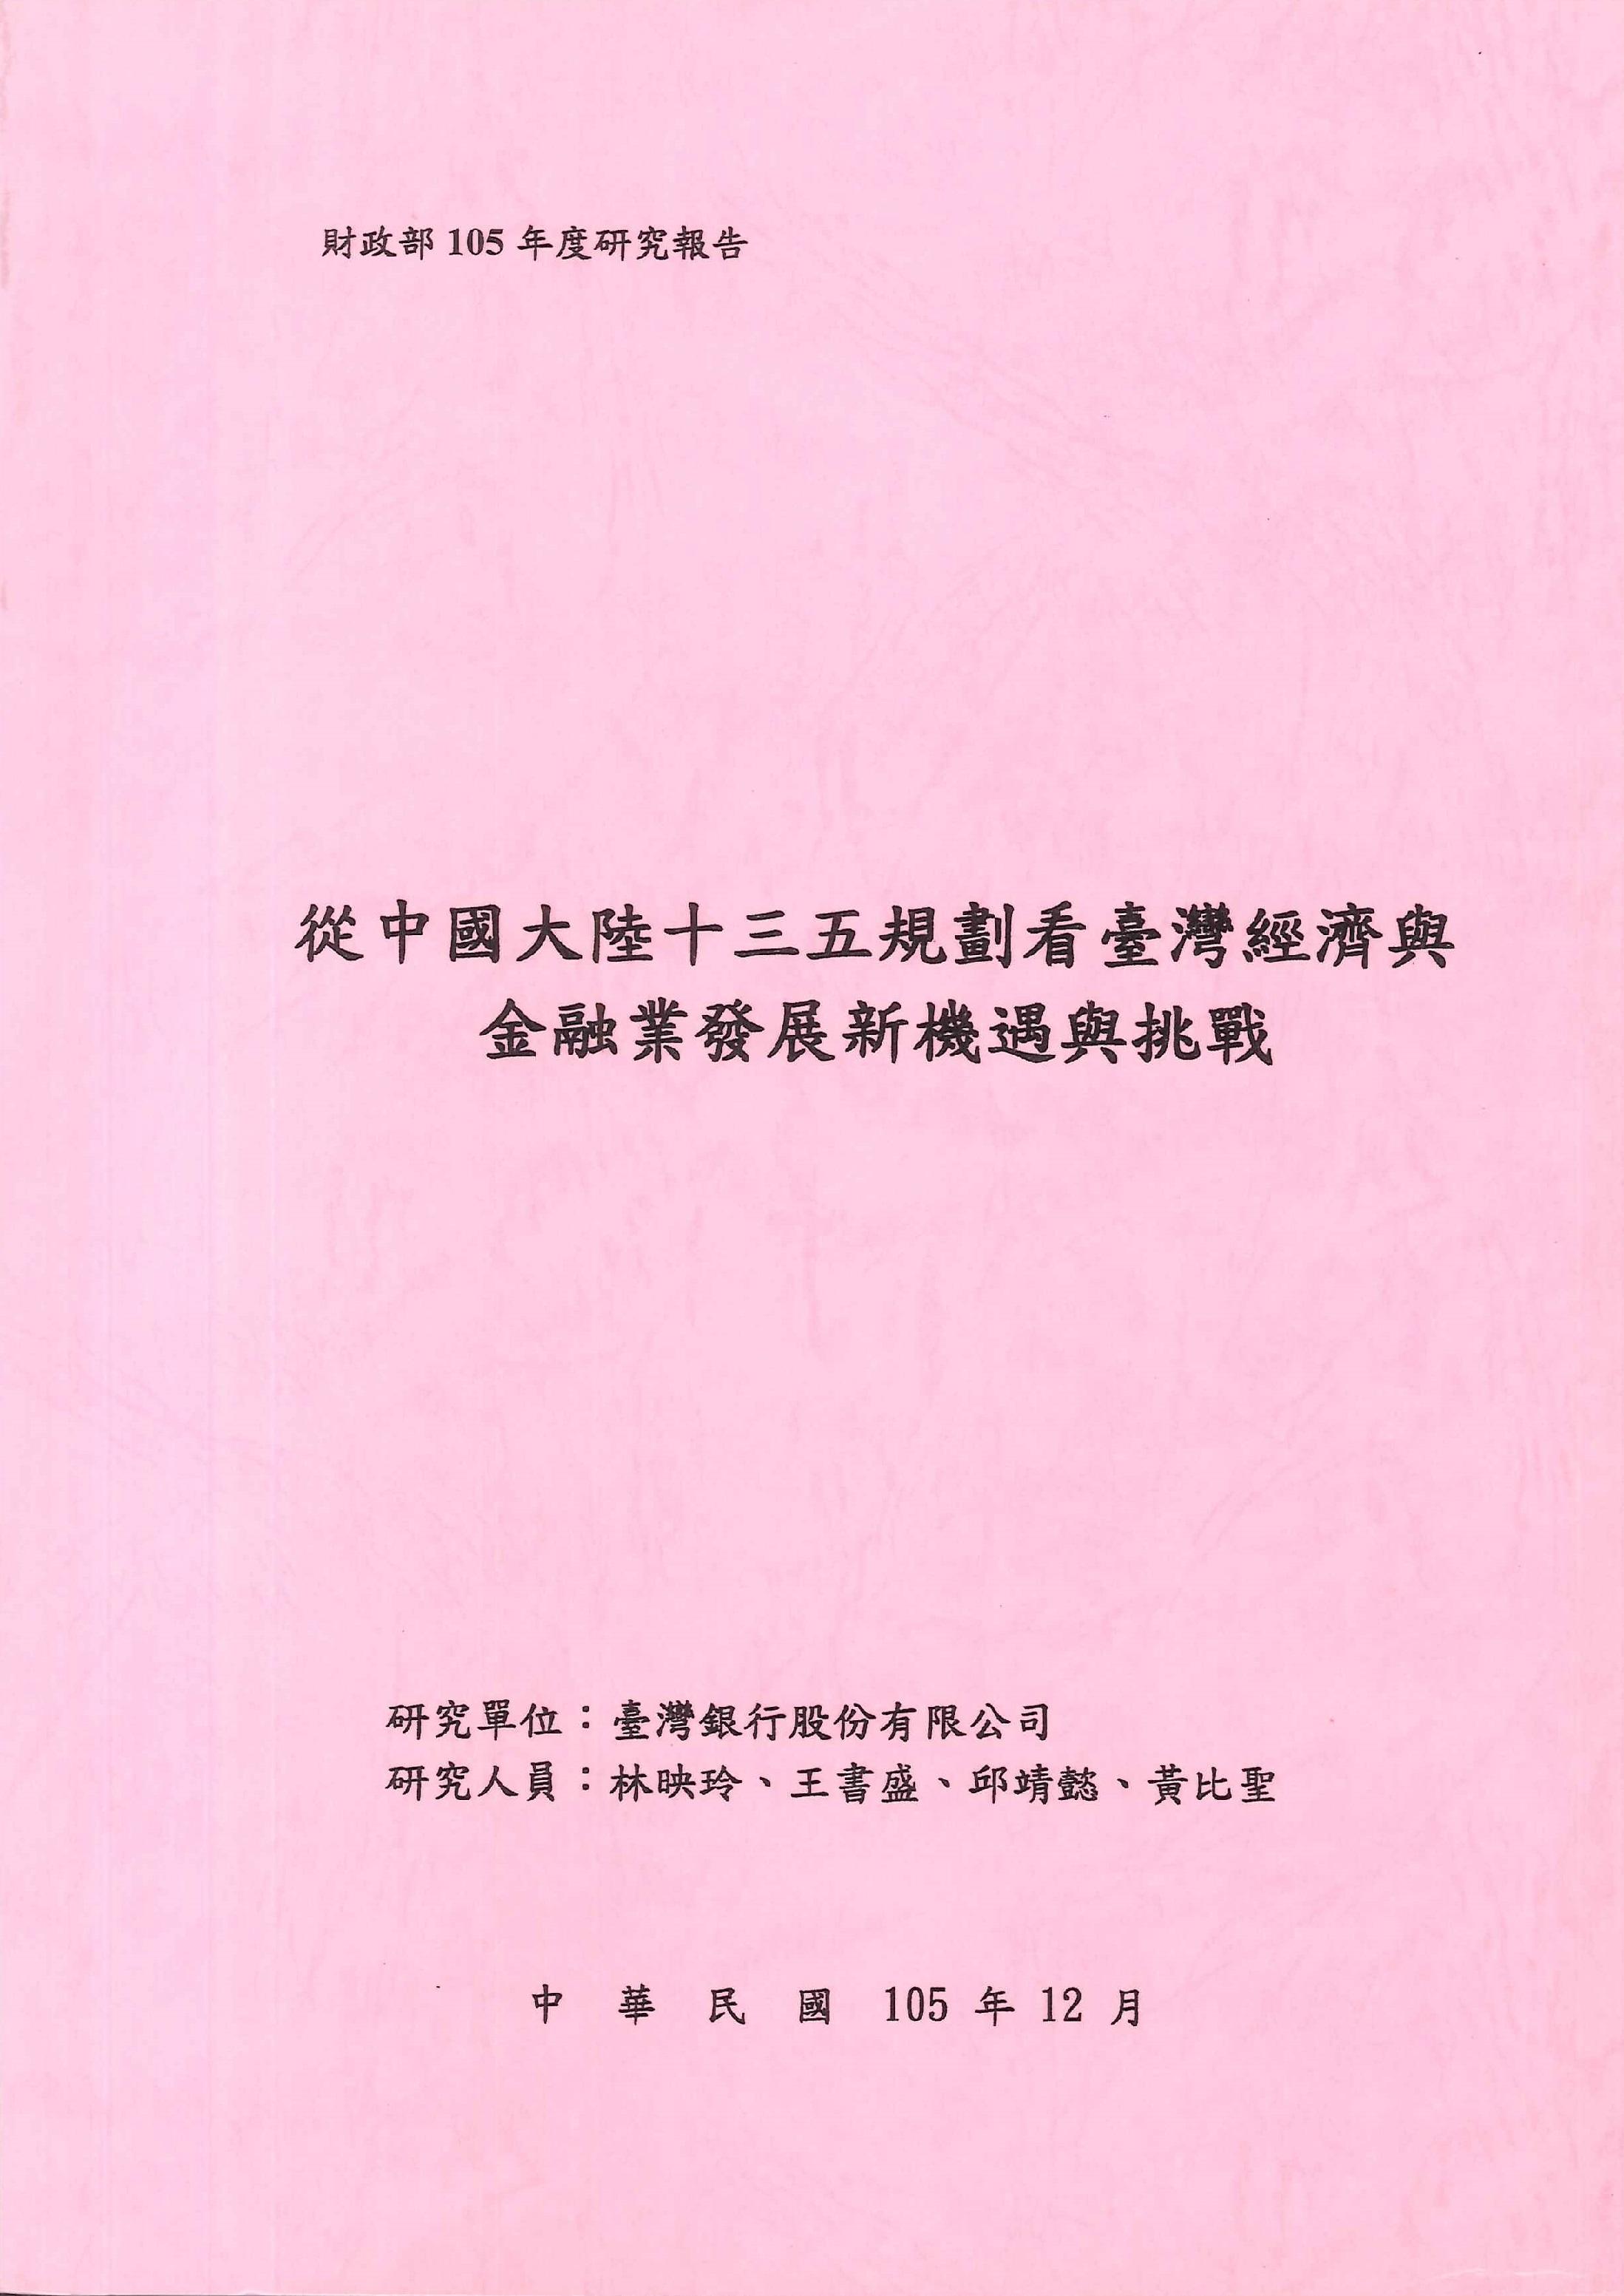 從中國大陸十三五規劃看臺灣經濟與金融業發展新機遇與挑戰